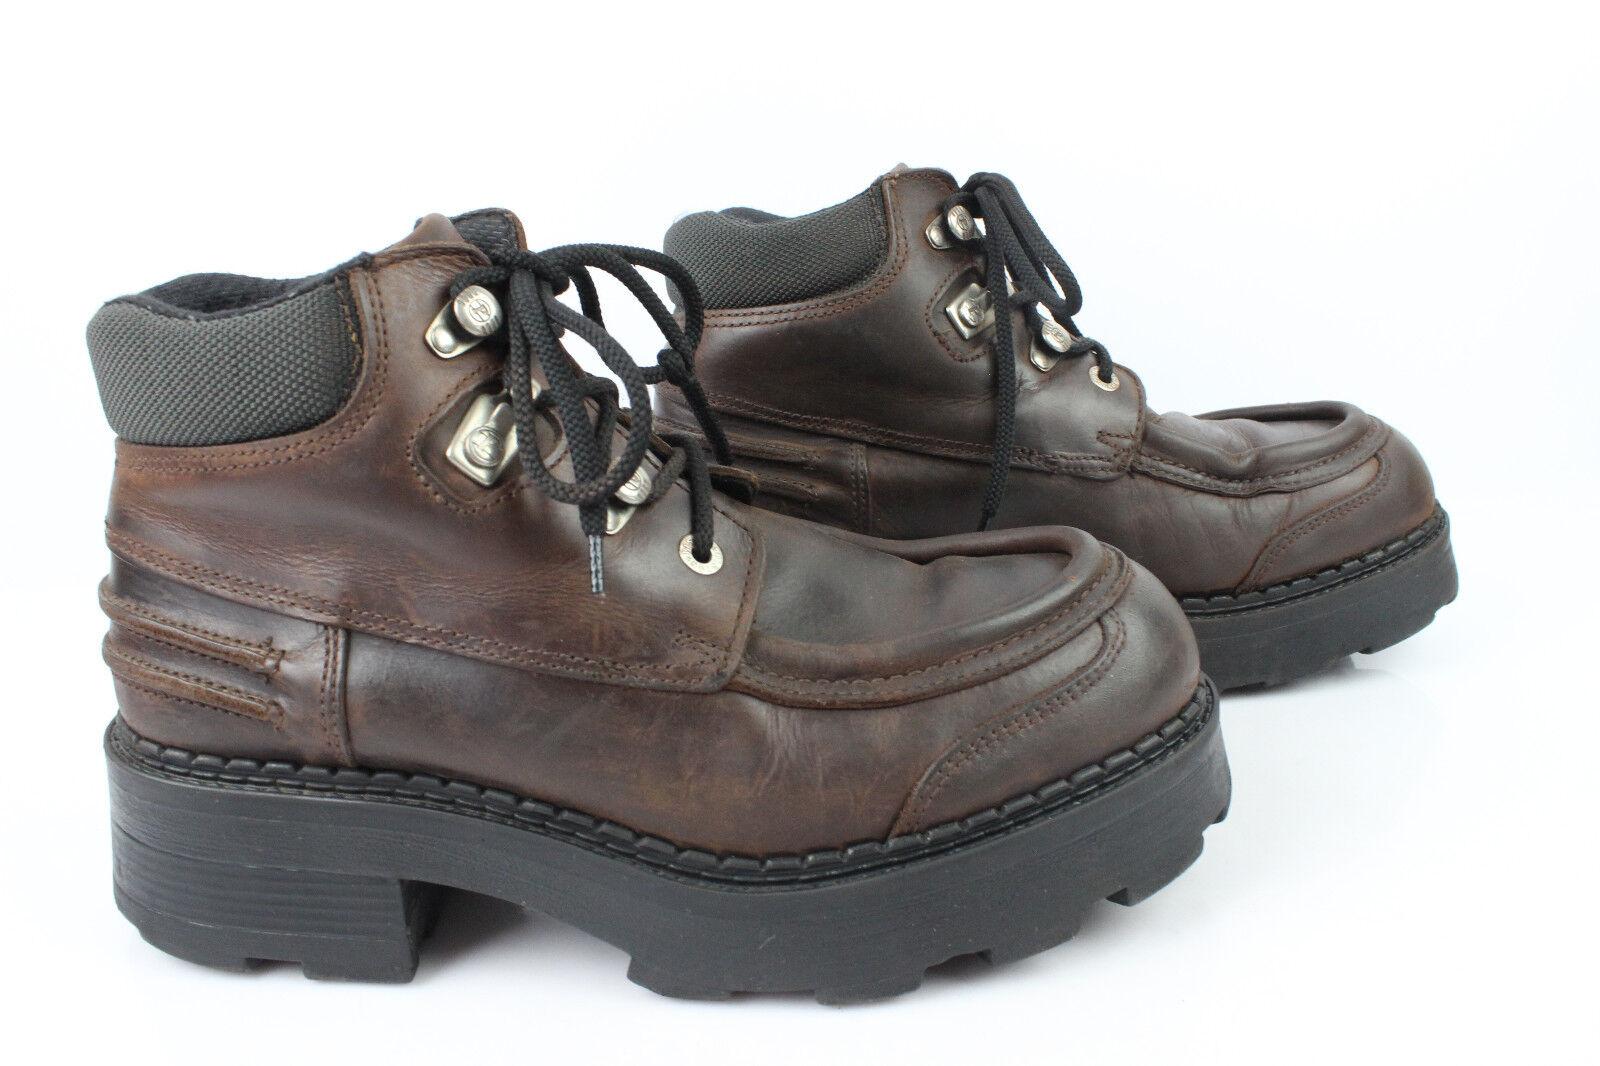 VINTAGE Scarpe Stivali Lacci scarpe PISTON Pelle Marrone T 44 BUONE CONDIZIONI